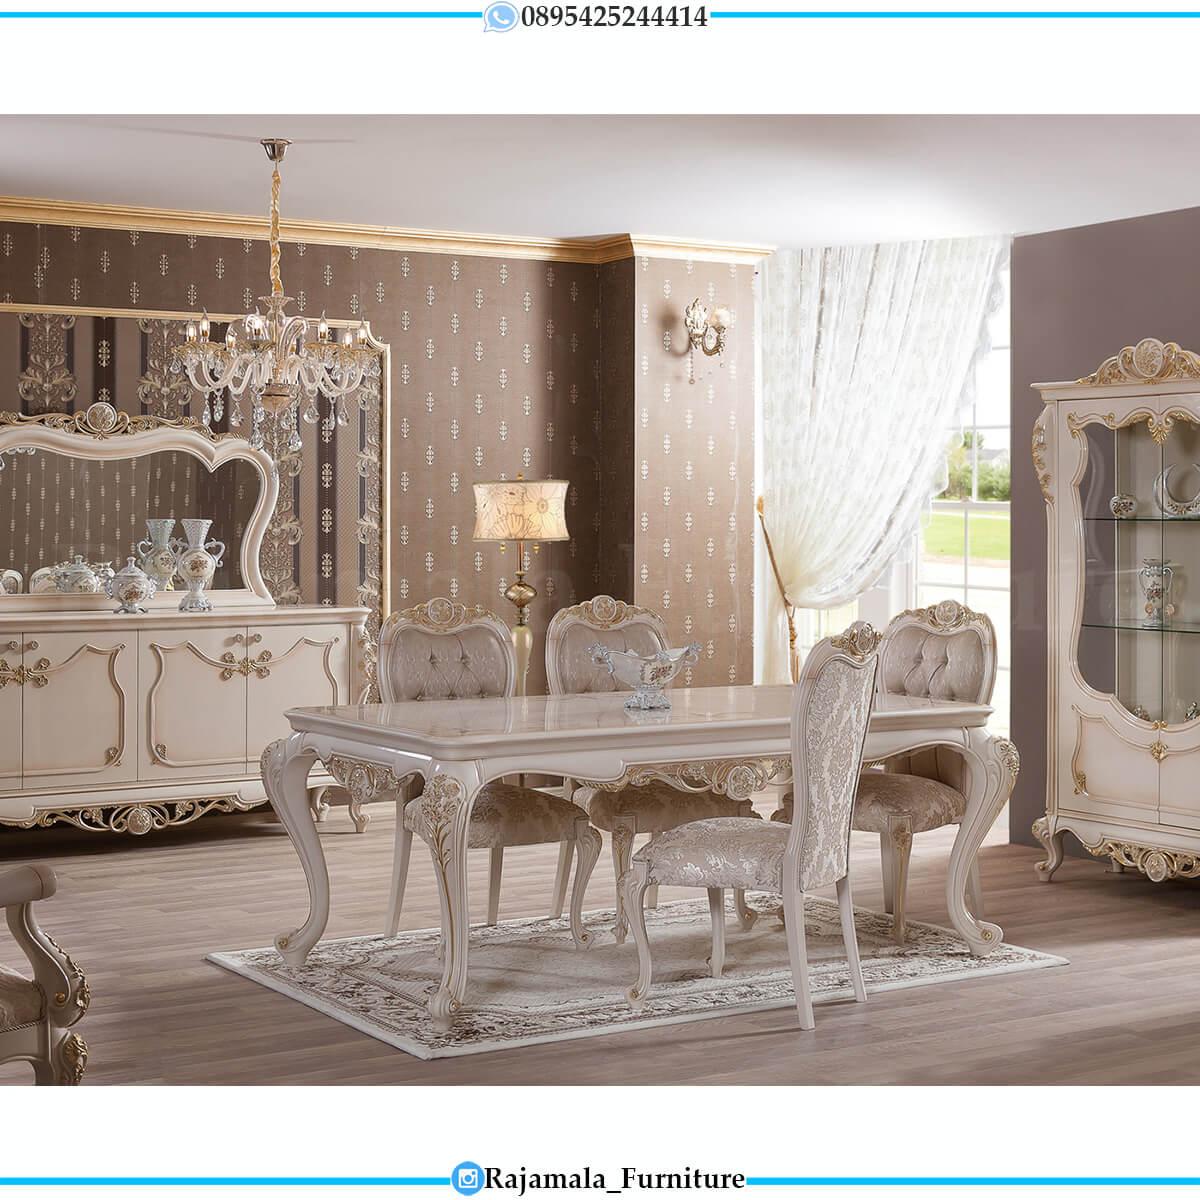 Desain Meja Makan Mewah Putih Duco Ukiran Luxury Classic Elegant RM-0712